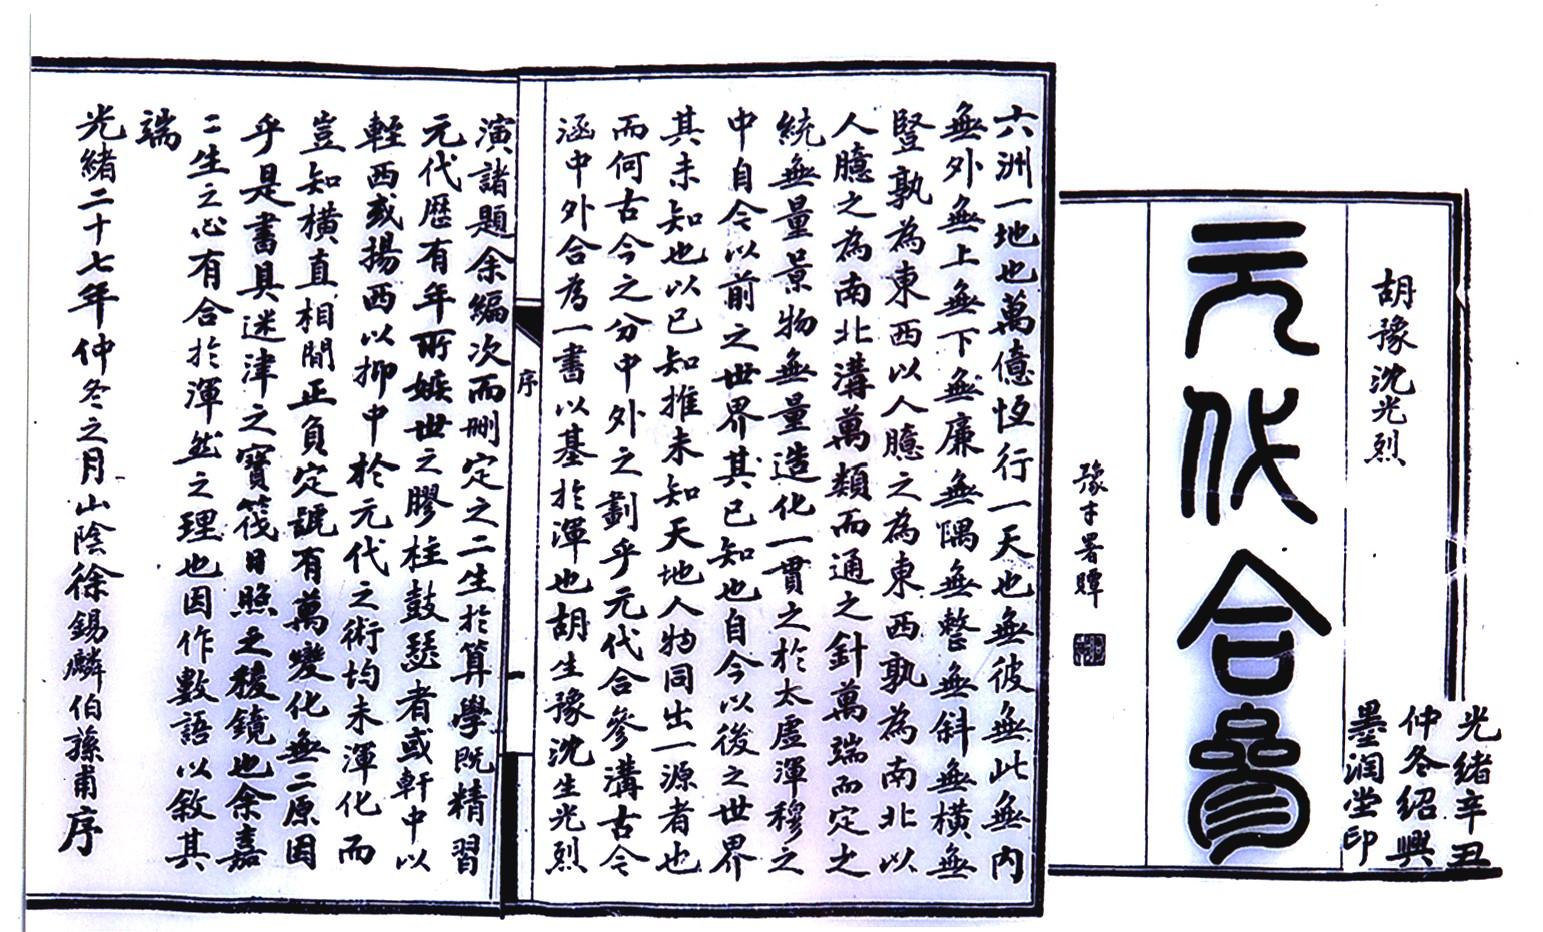 徐錫麟為學生胡豫、沈光烈撰《元一書寫的序言及《元代合參》一書封面